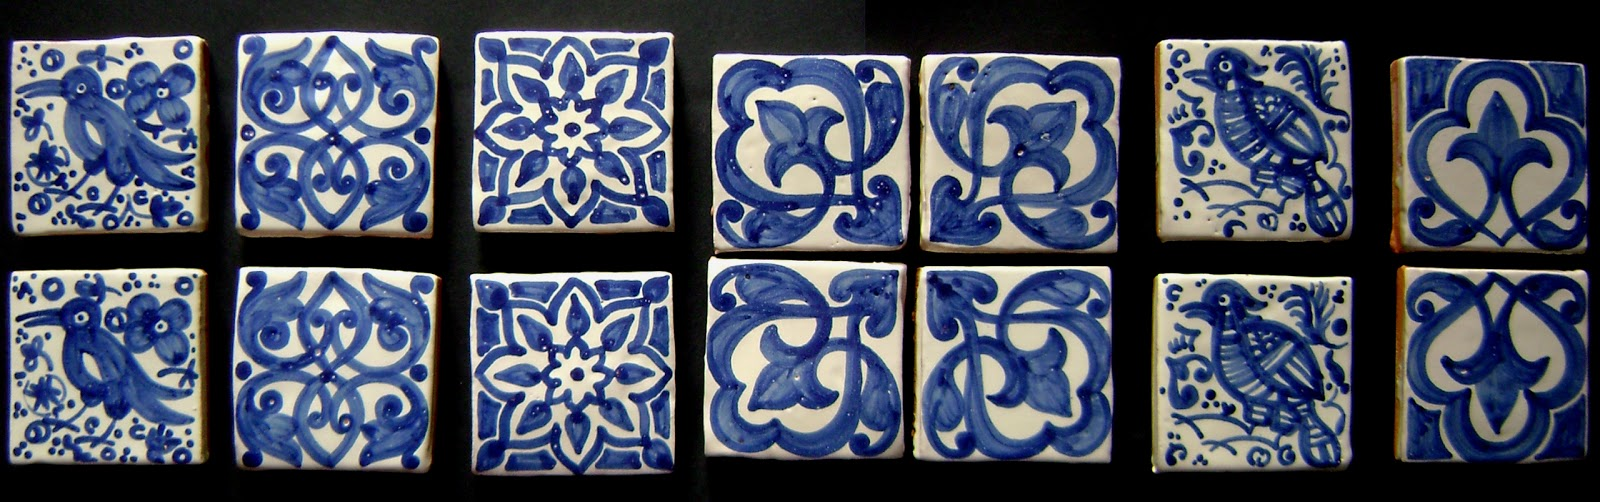 La Callejuela Azulejos Rusticos - Azulejos-rusticos